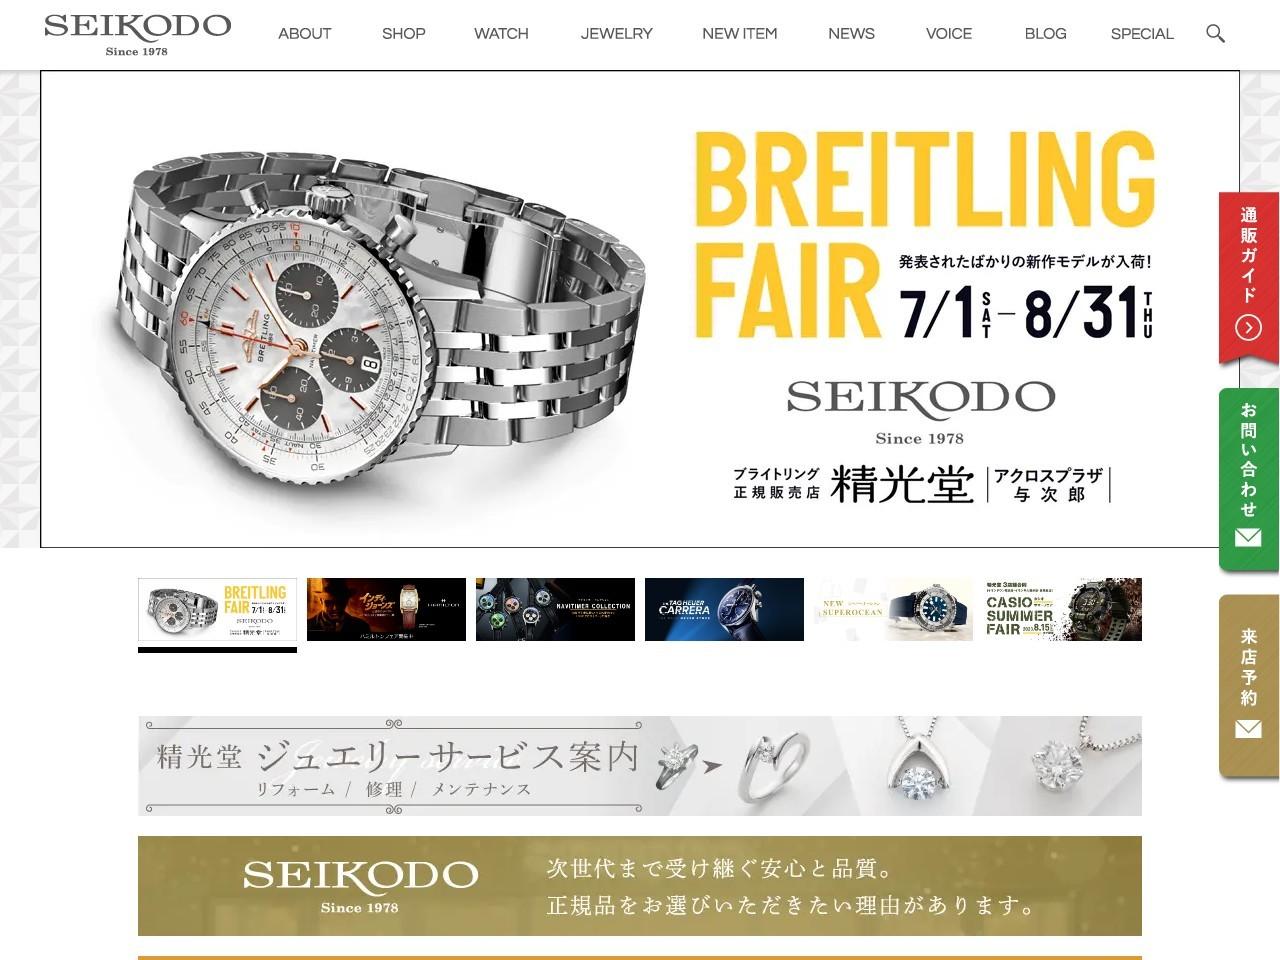 精光堂 -SEIKODO- 輸入時計正規販売・高品質ダイヤモンド専門店